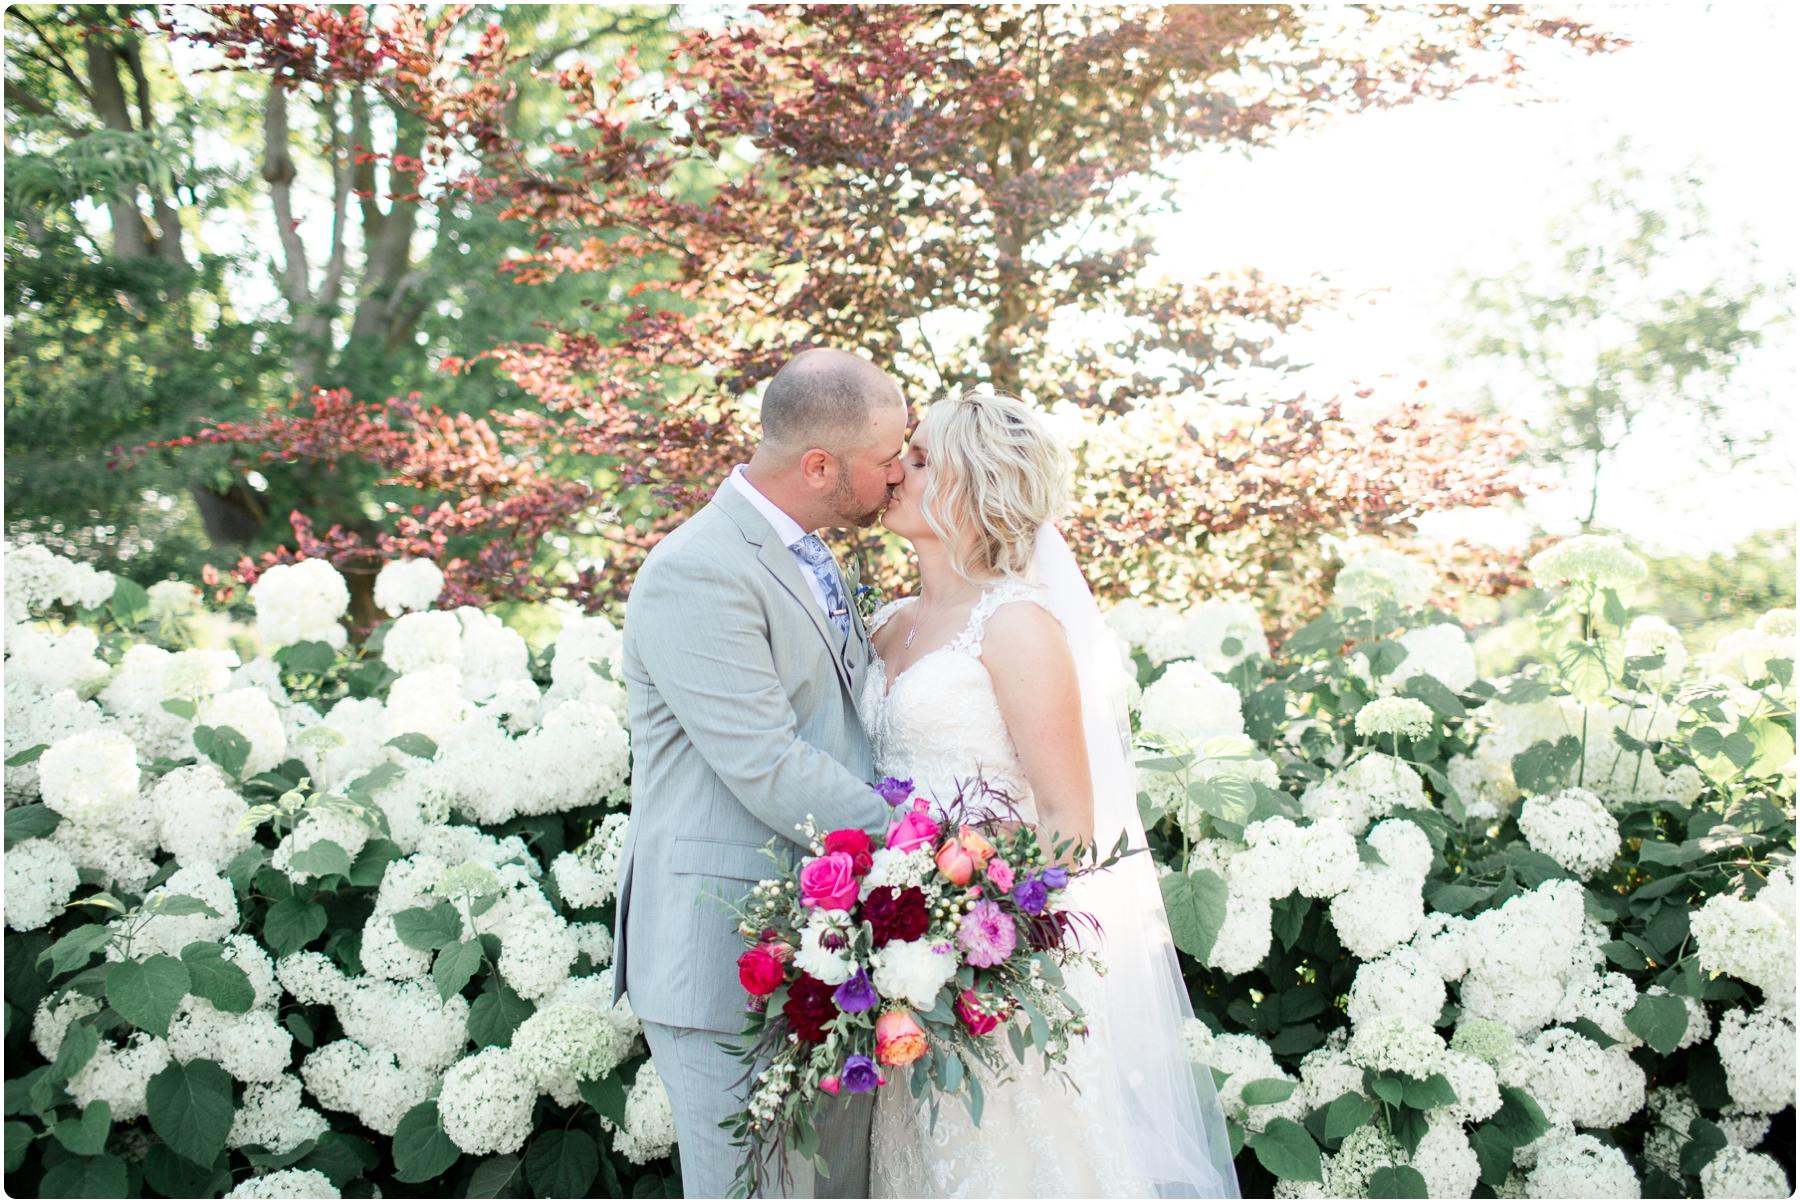 Katie+Jeff Bloom Field Garden_0100